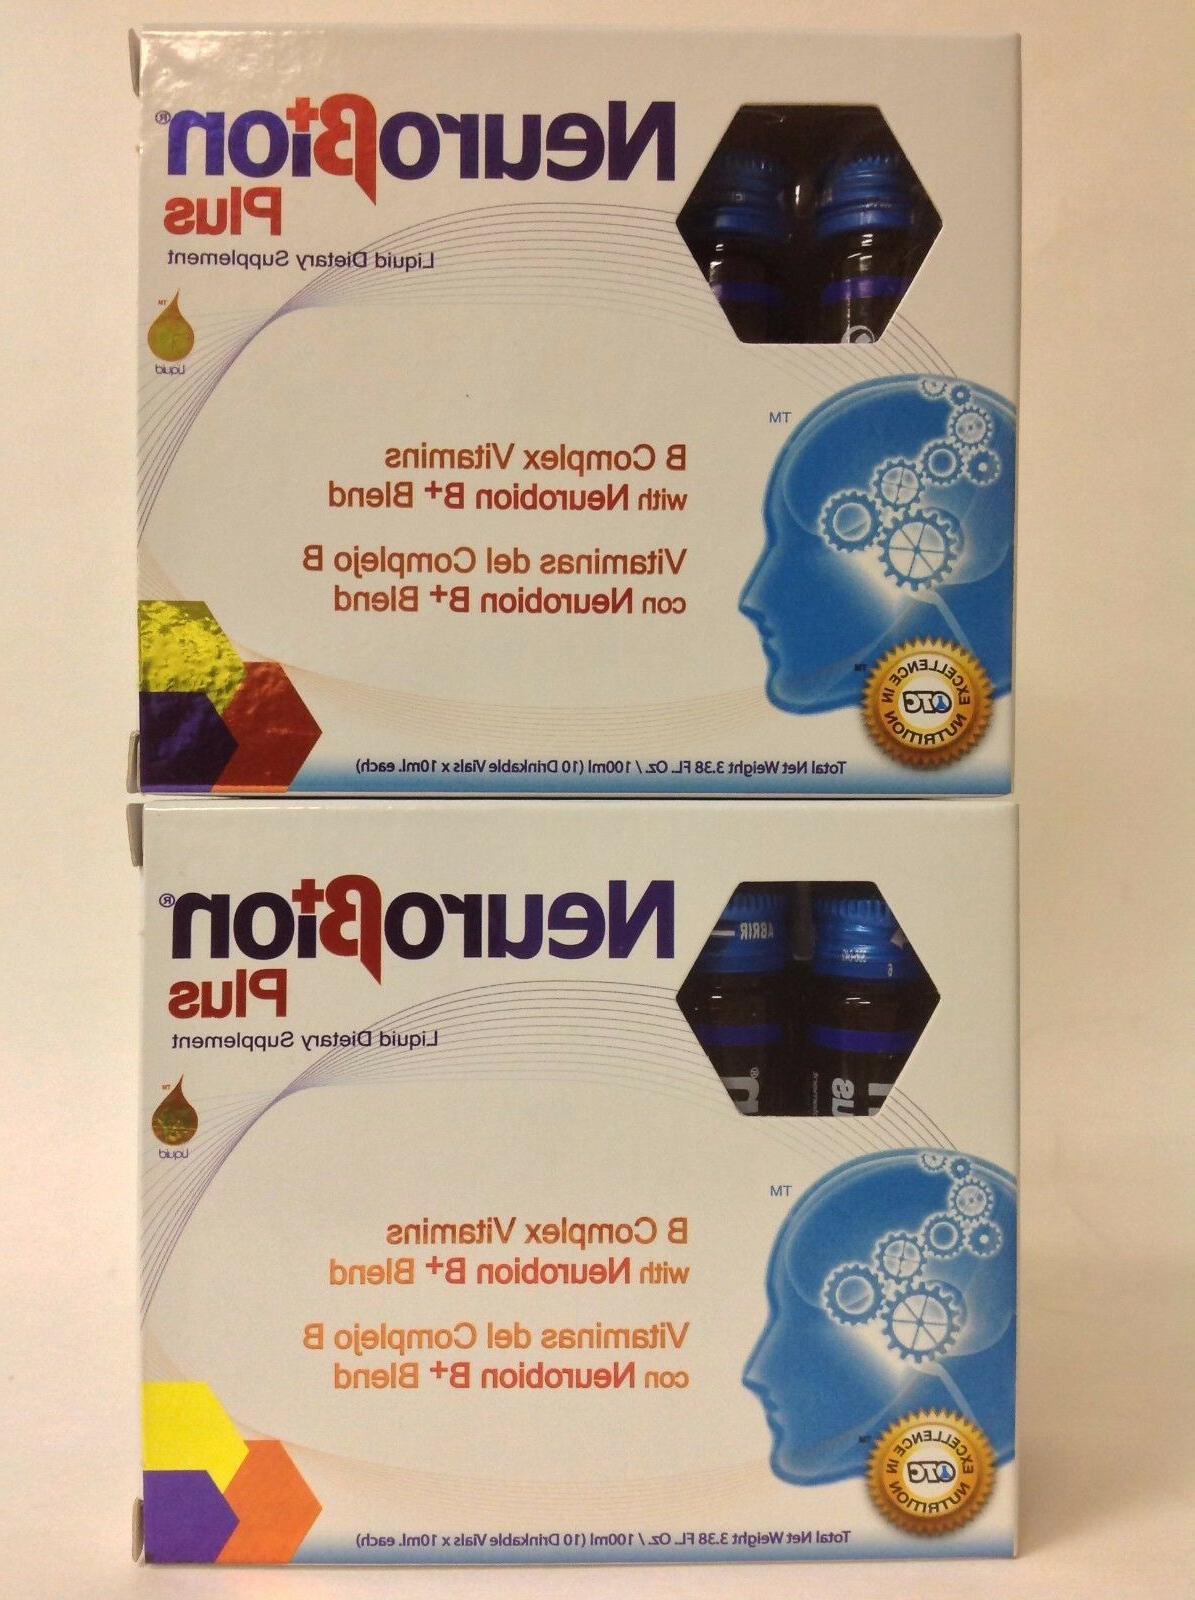 2 NEUROBION B COMPLEX VITAMINS 10 Drinkable Vials EA - COMPLEJO